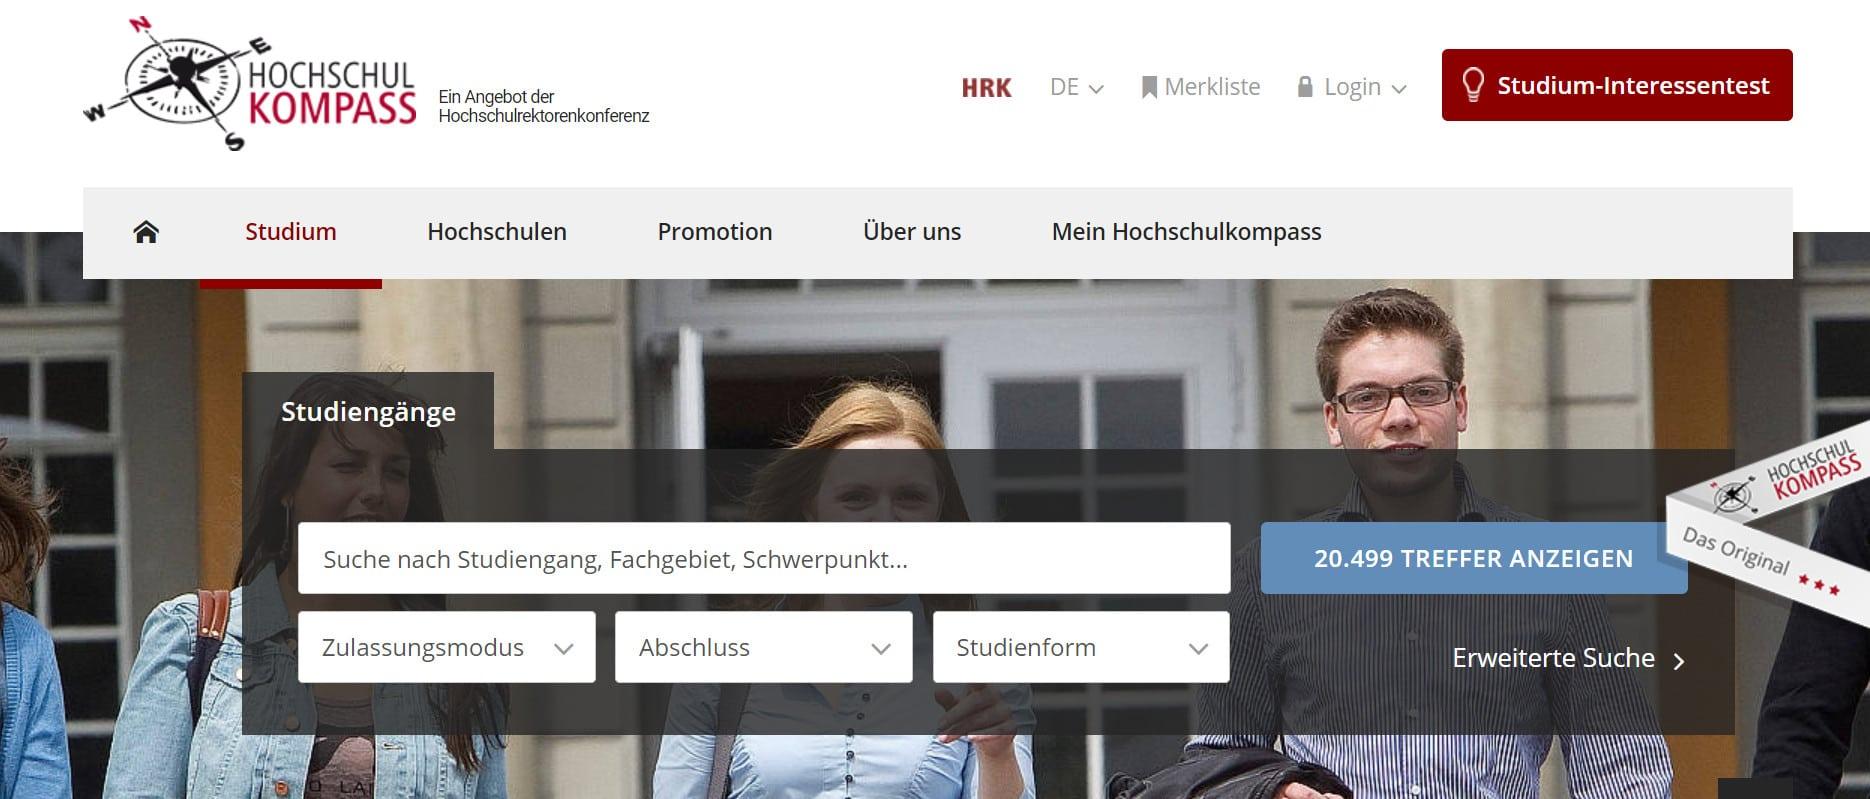 كيفية الحصول على القبول للدراسة فى الجامعات الألمانية